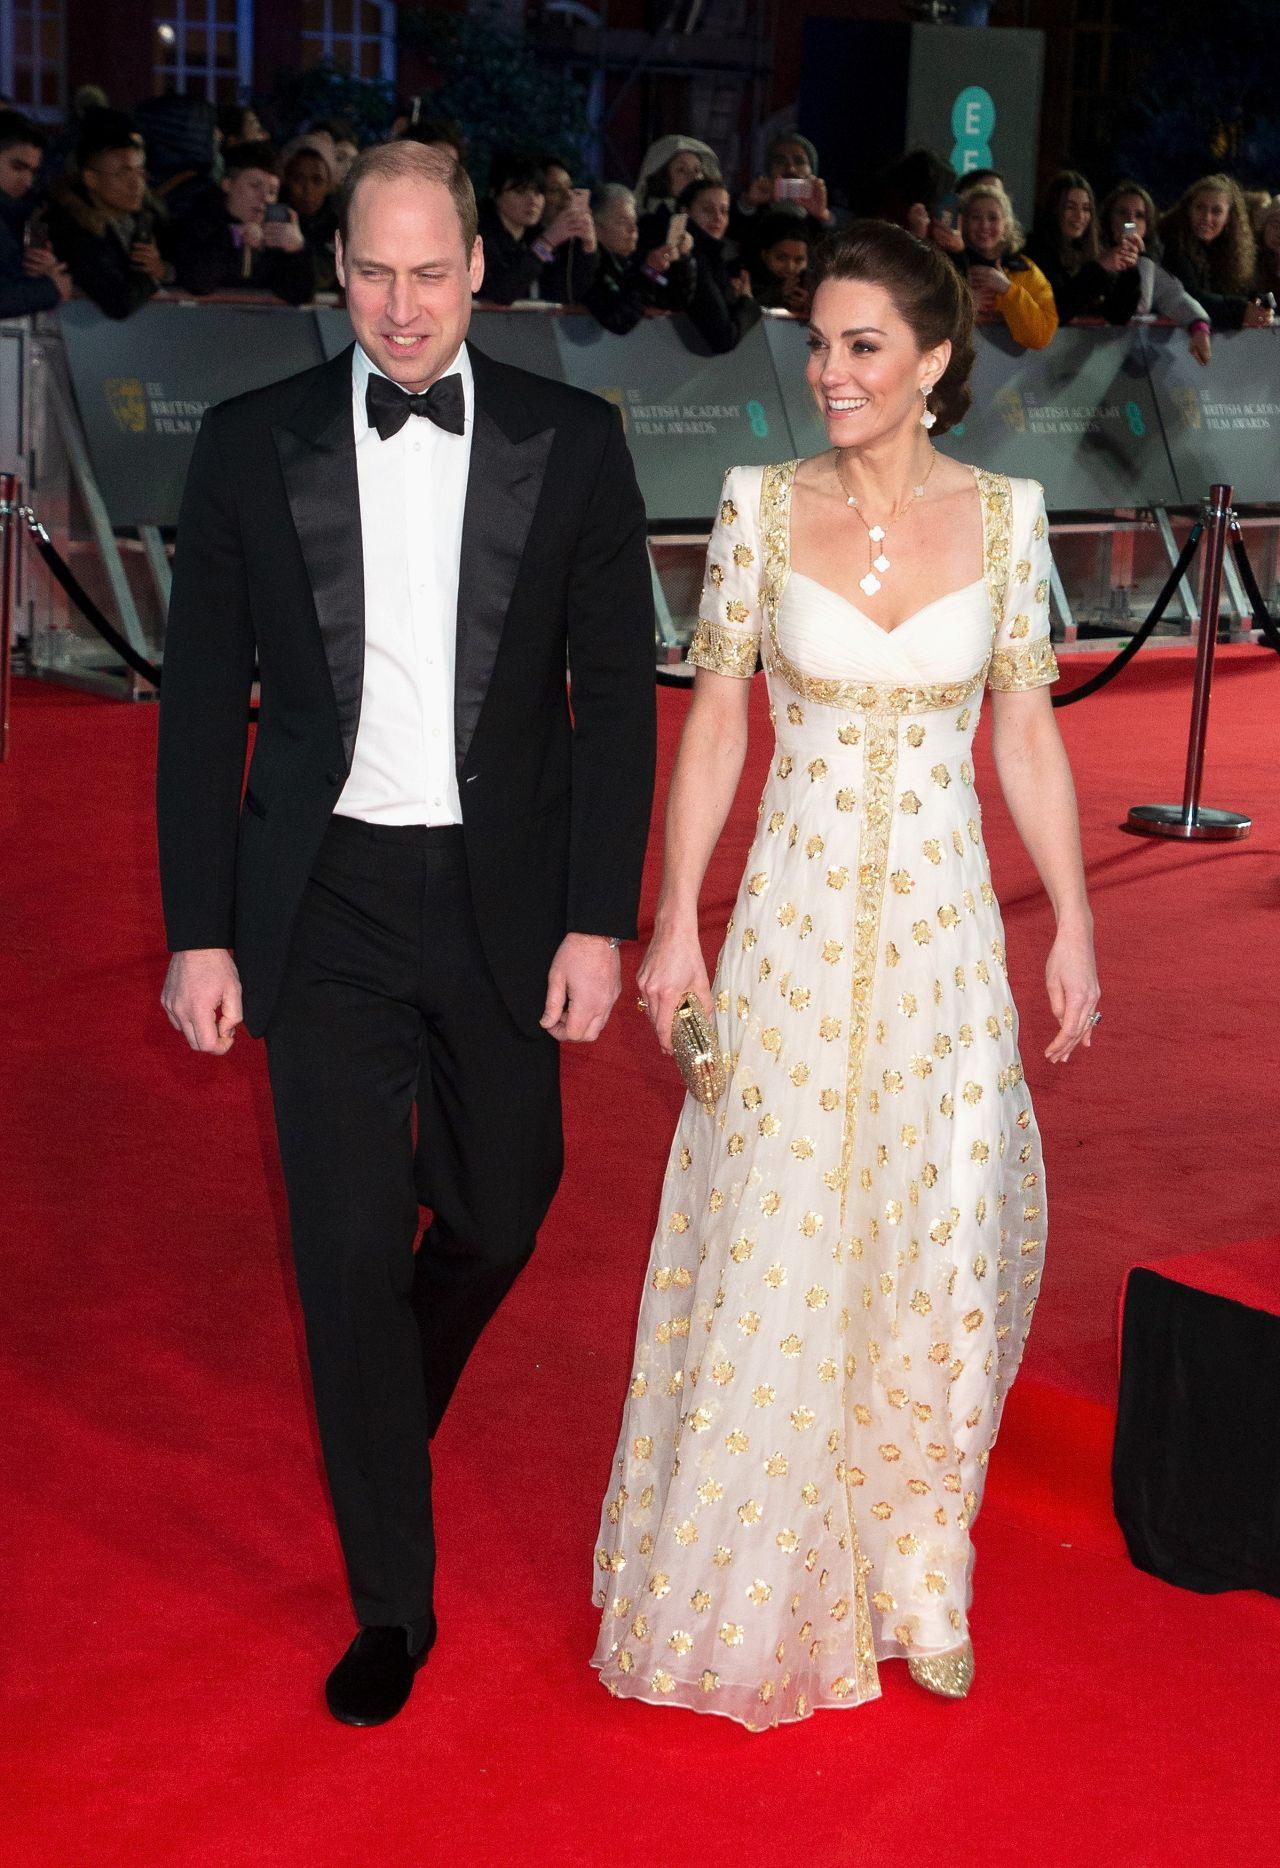 catherine-duchess-of-cambridge-in-alexander-mcqueen-2020-ee-british-academy-film-awards